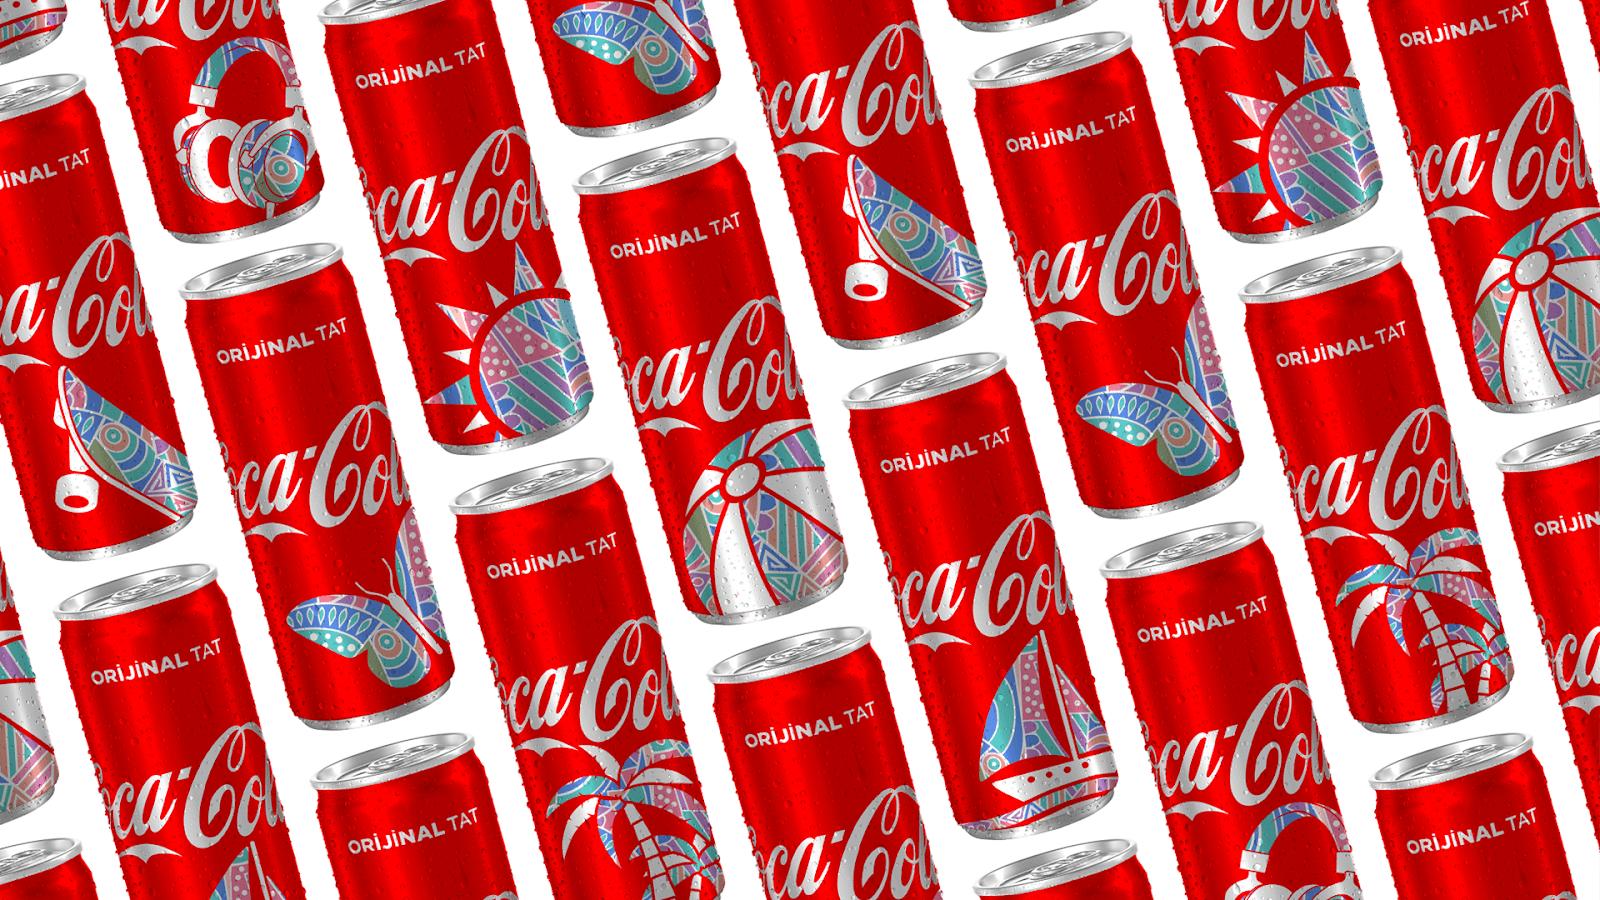 thermocans10 - Coca-Cola přináší vyletněné termo plechovky